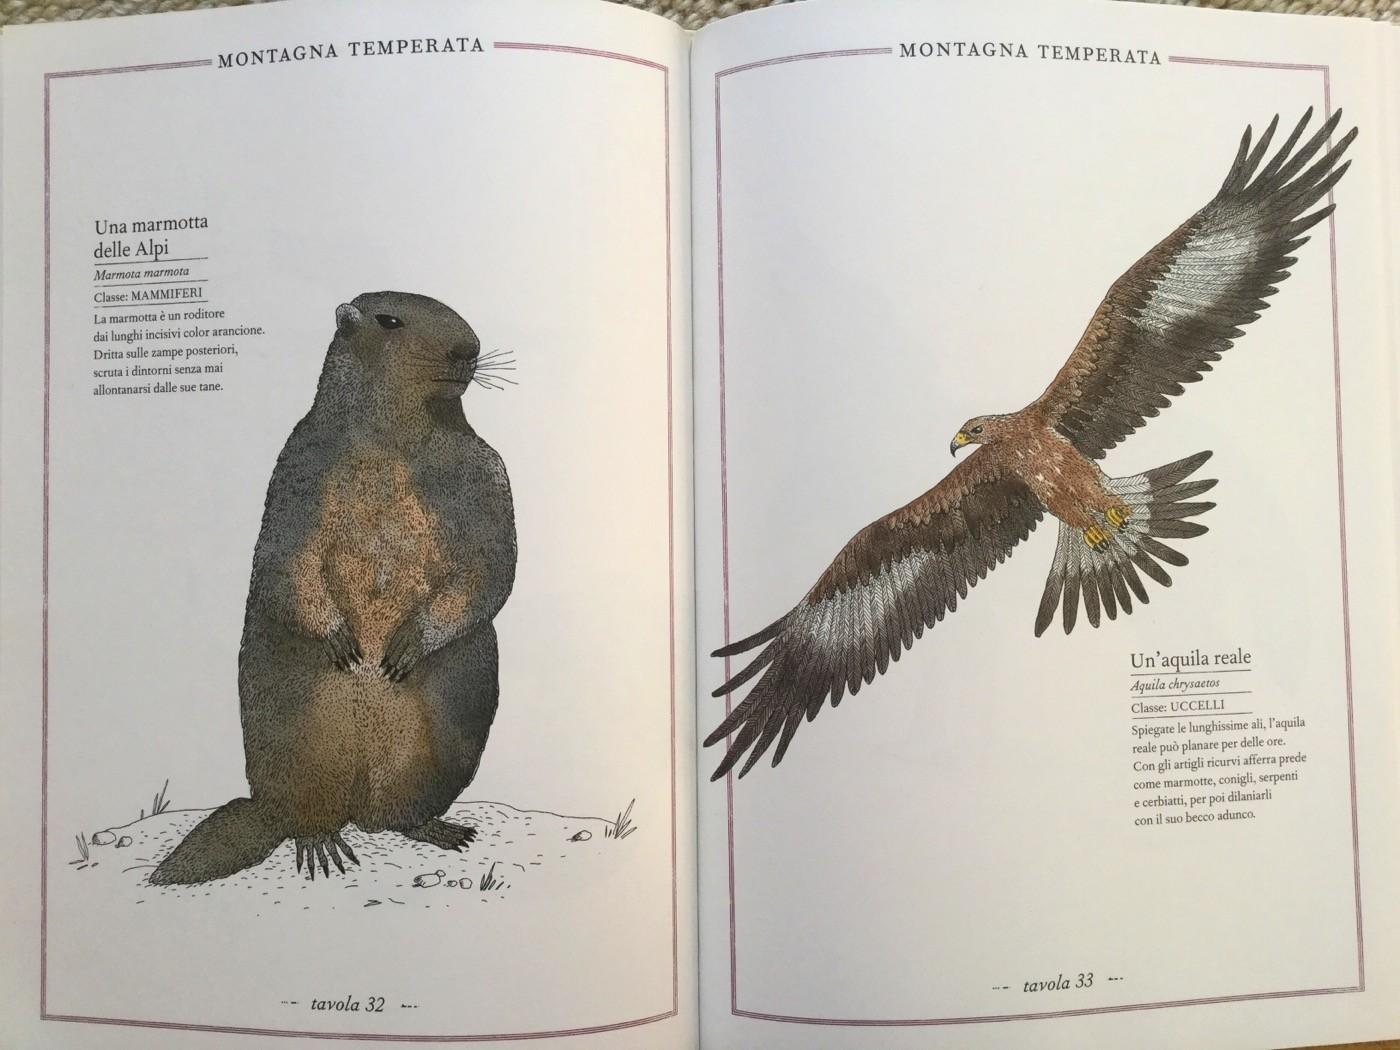 INVENTARIO ILLUSTRATO DEGLI ANIMALI Emmanuelle Tchoukriel e Virginie Aladjidi Ippocampo Edizioni